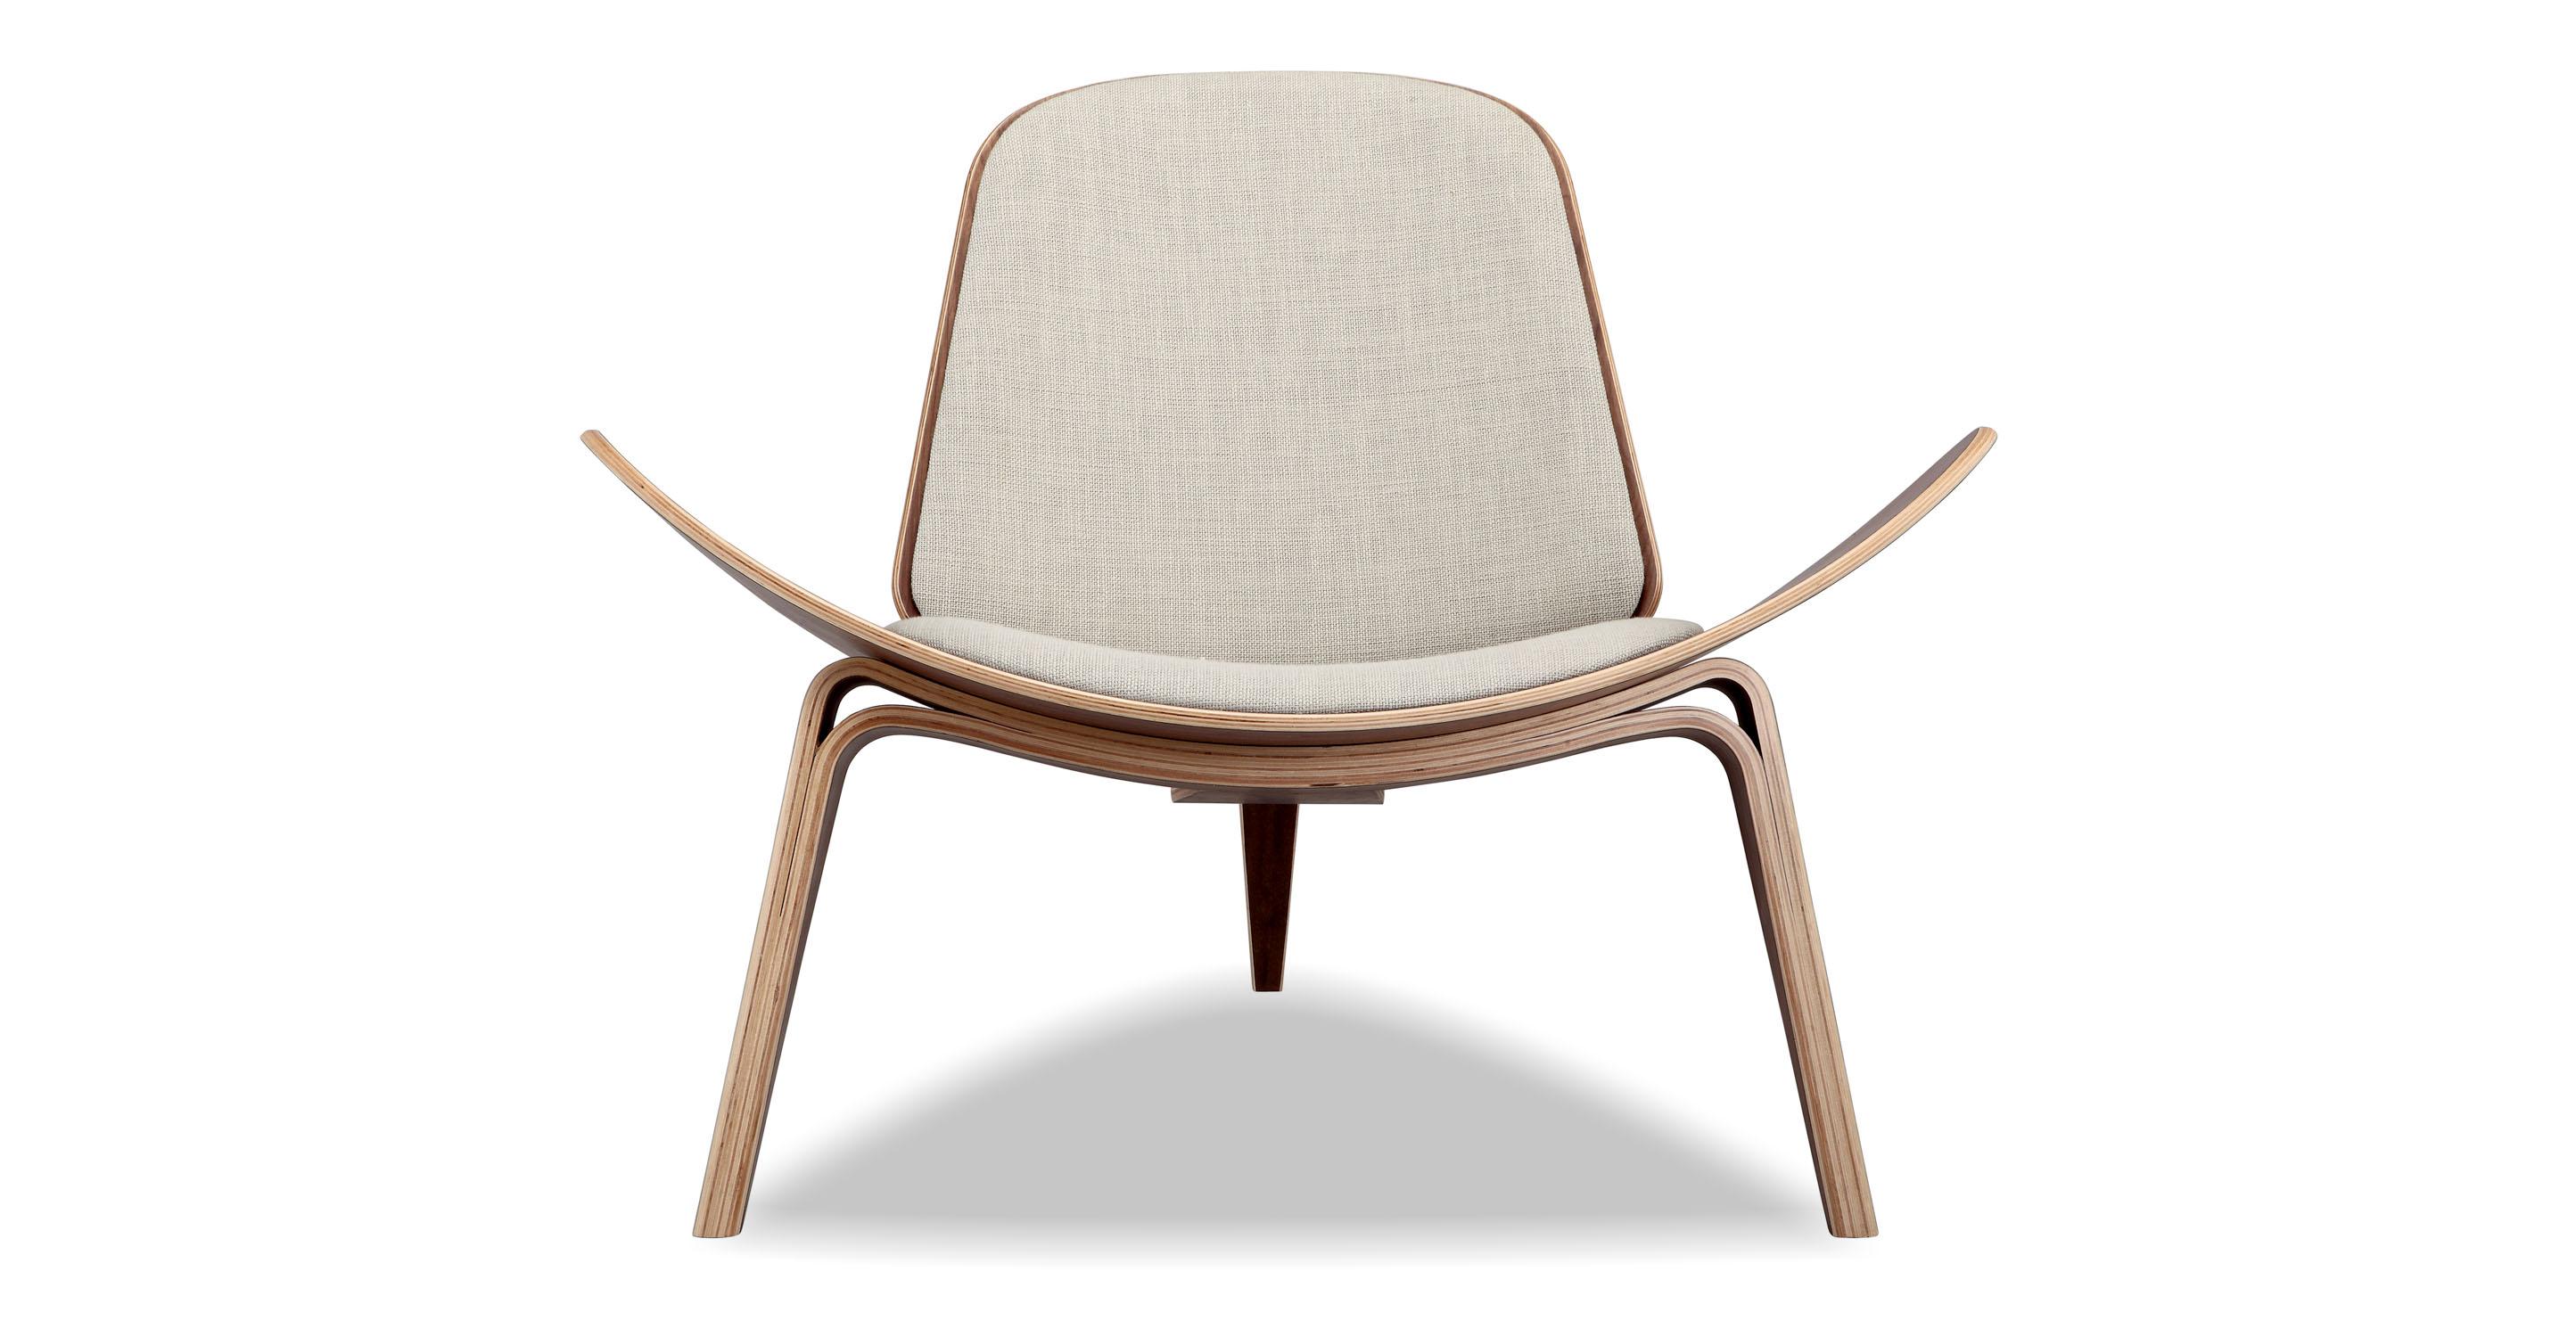 Tripod Fabric Chair 2-pc Set, Walnut/Urban Hemp